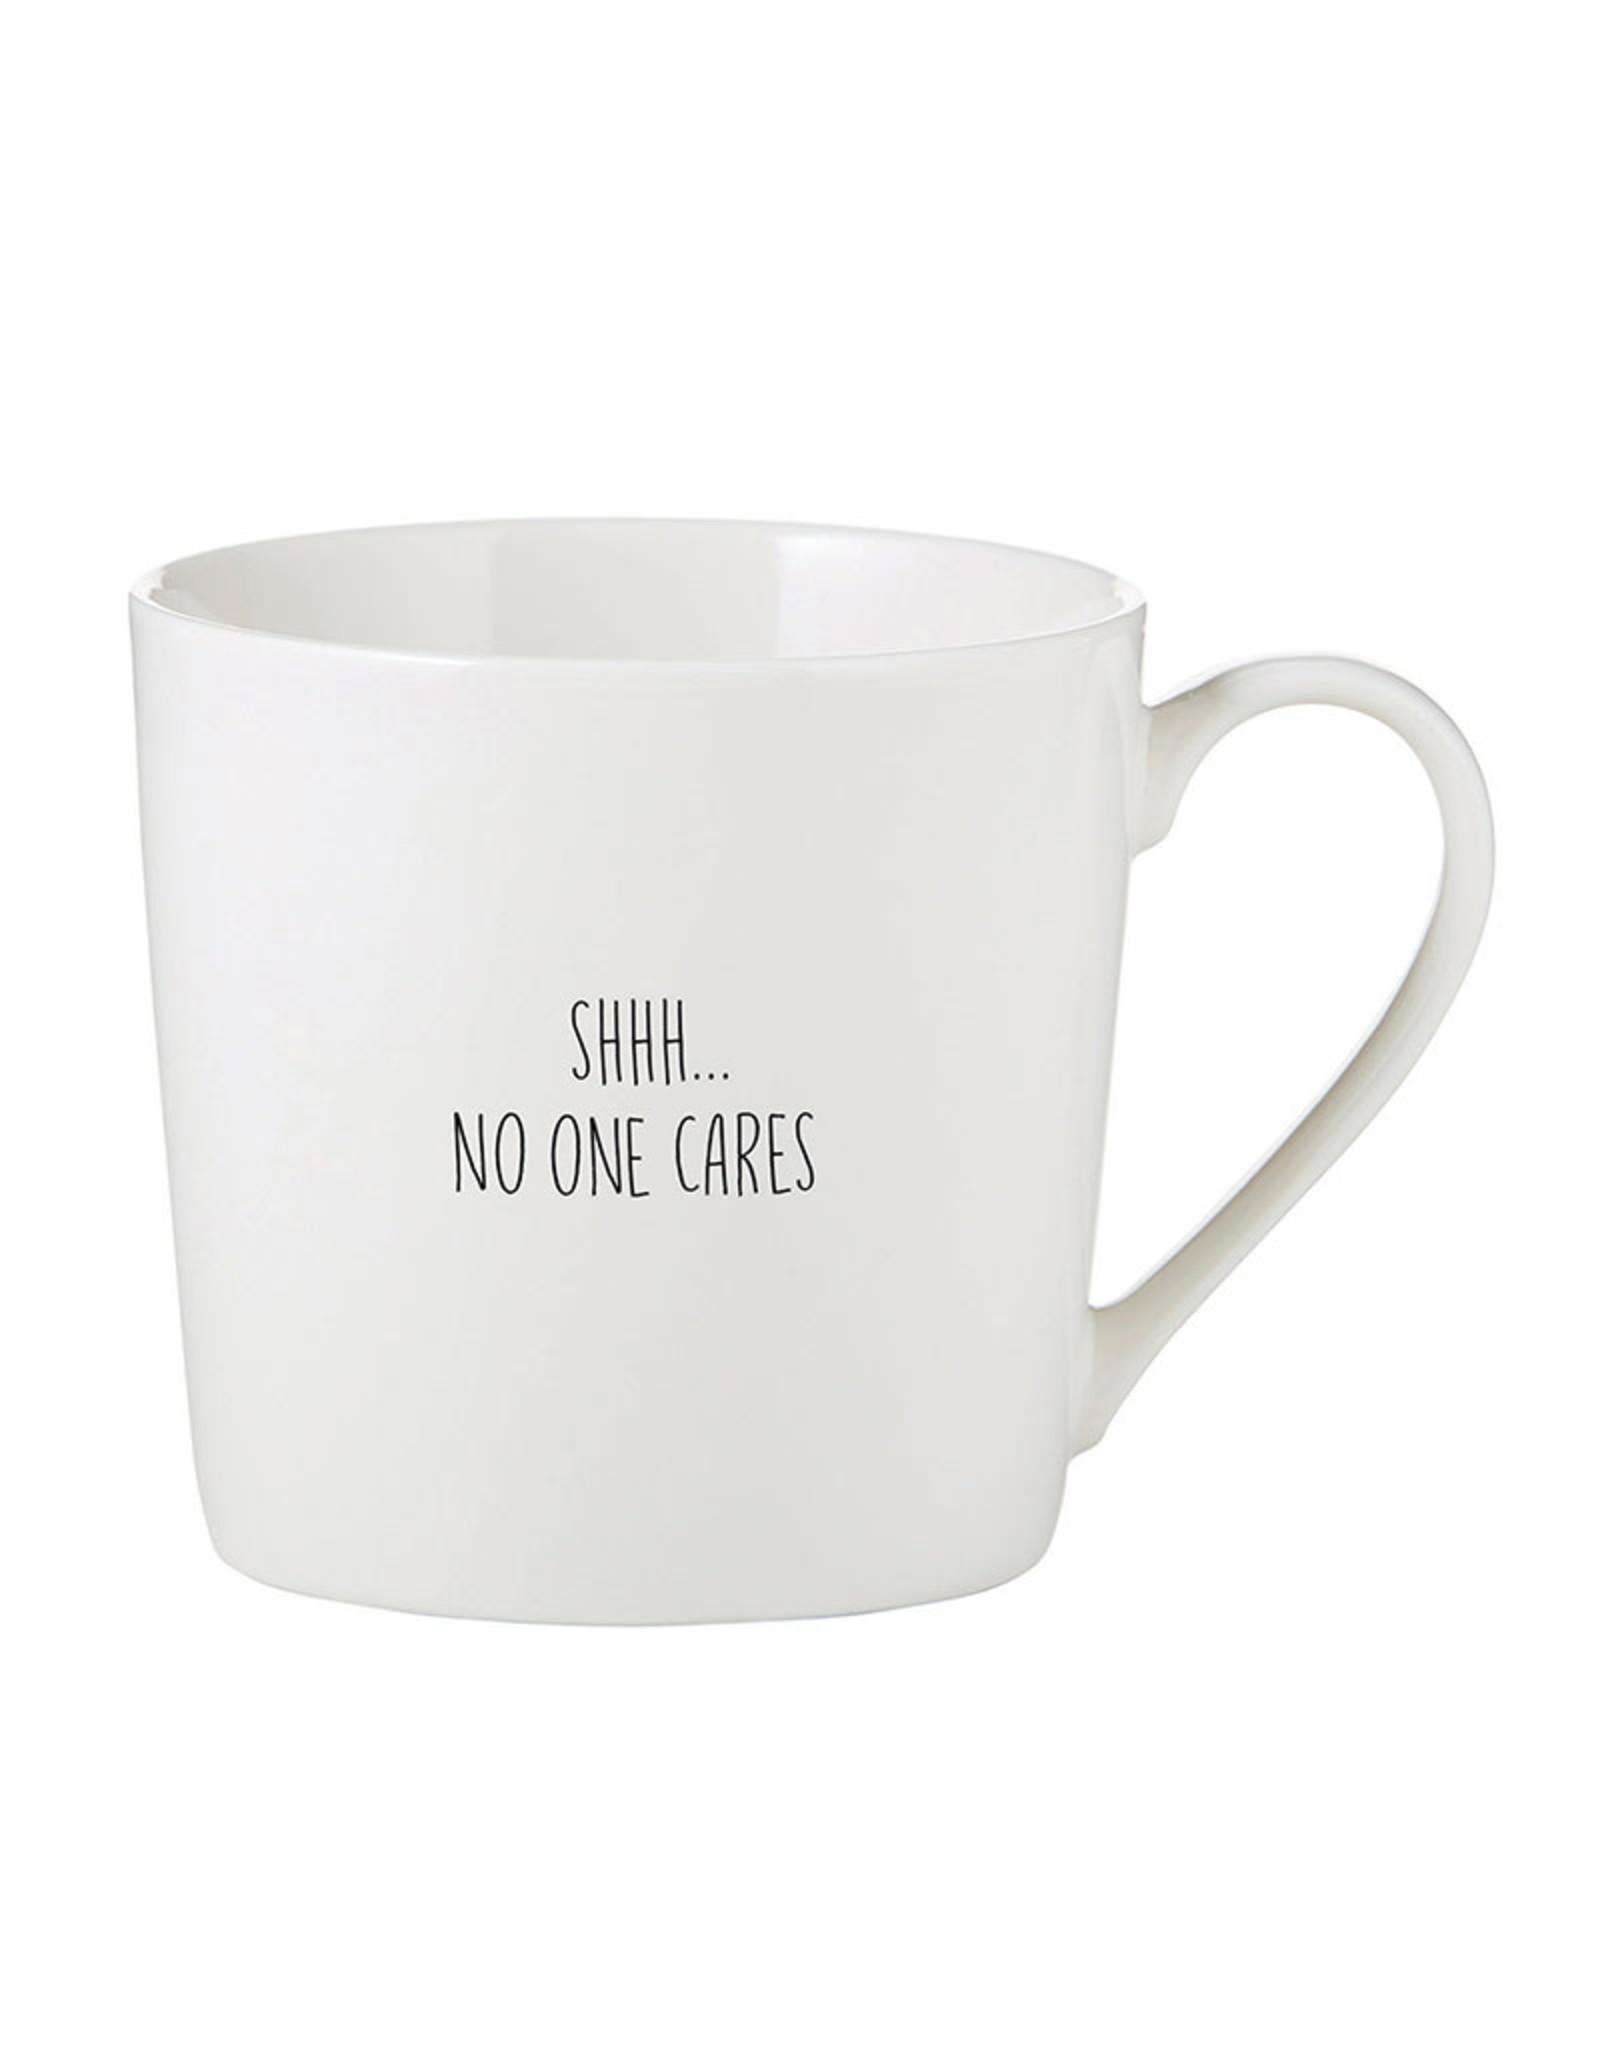 Relish Sips Cafe Mugs